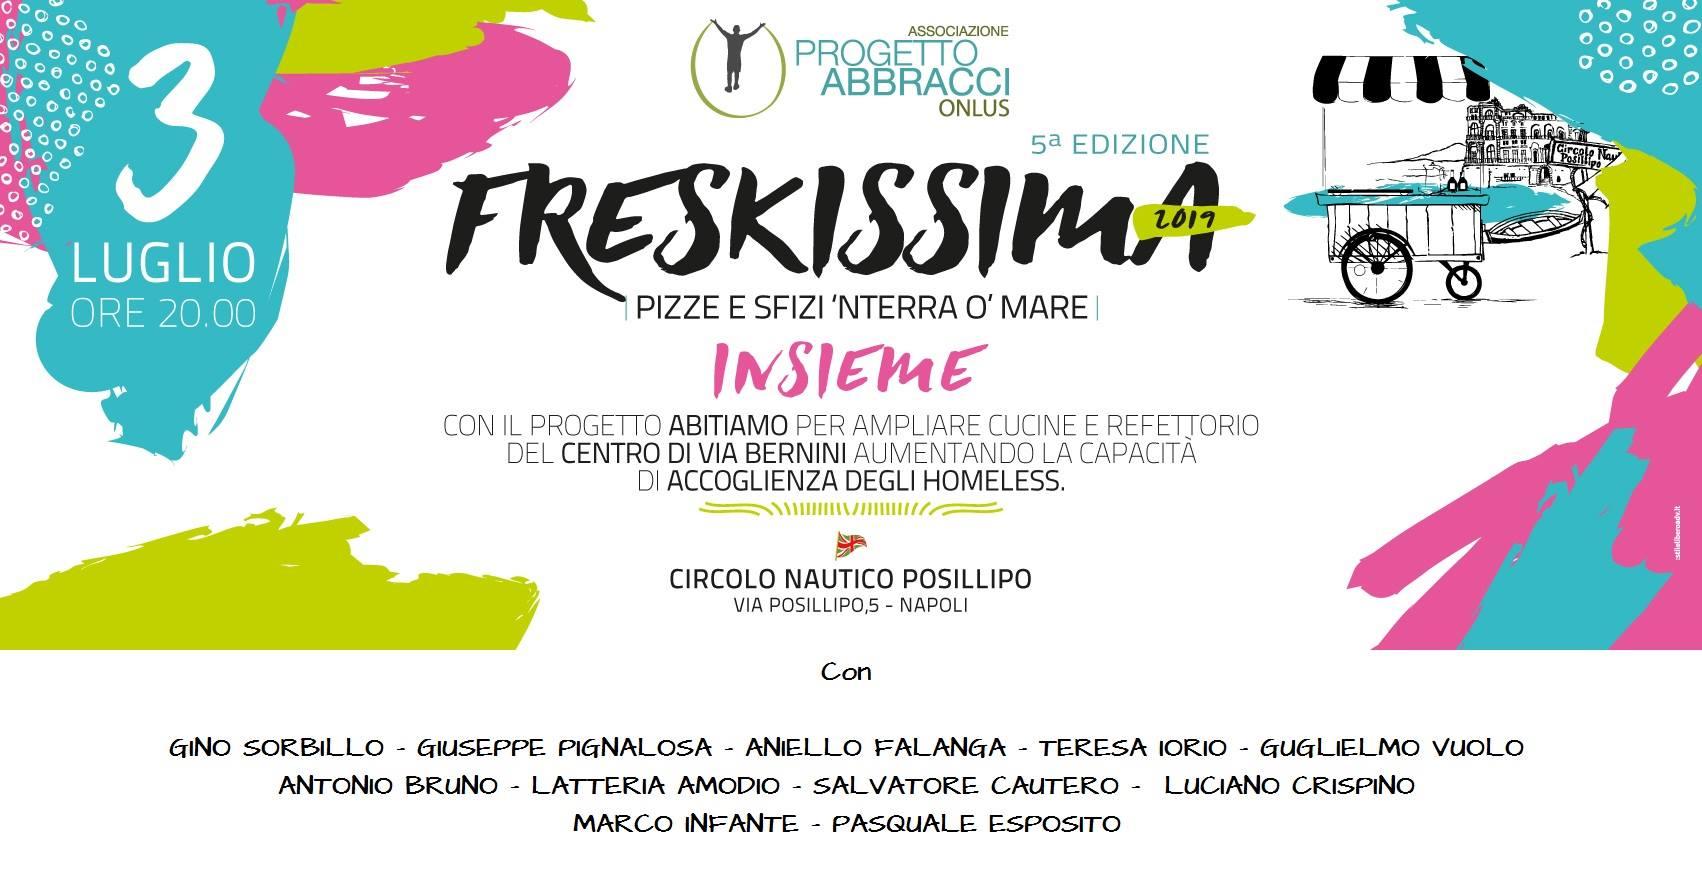 Freskissima2019